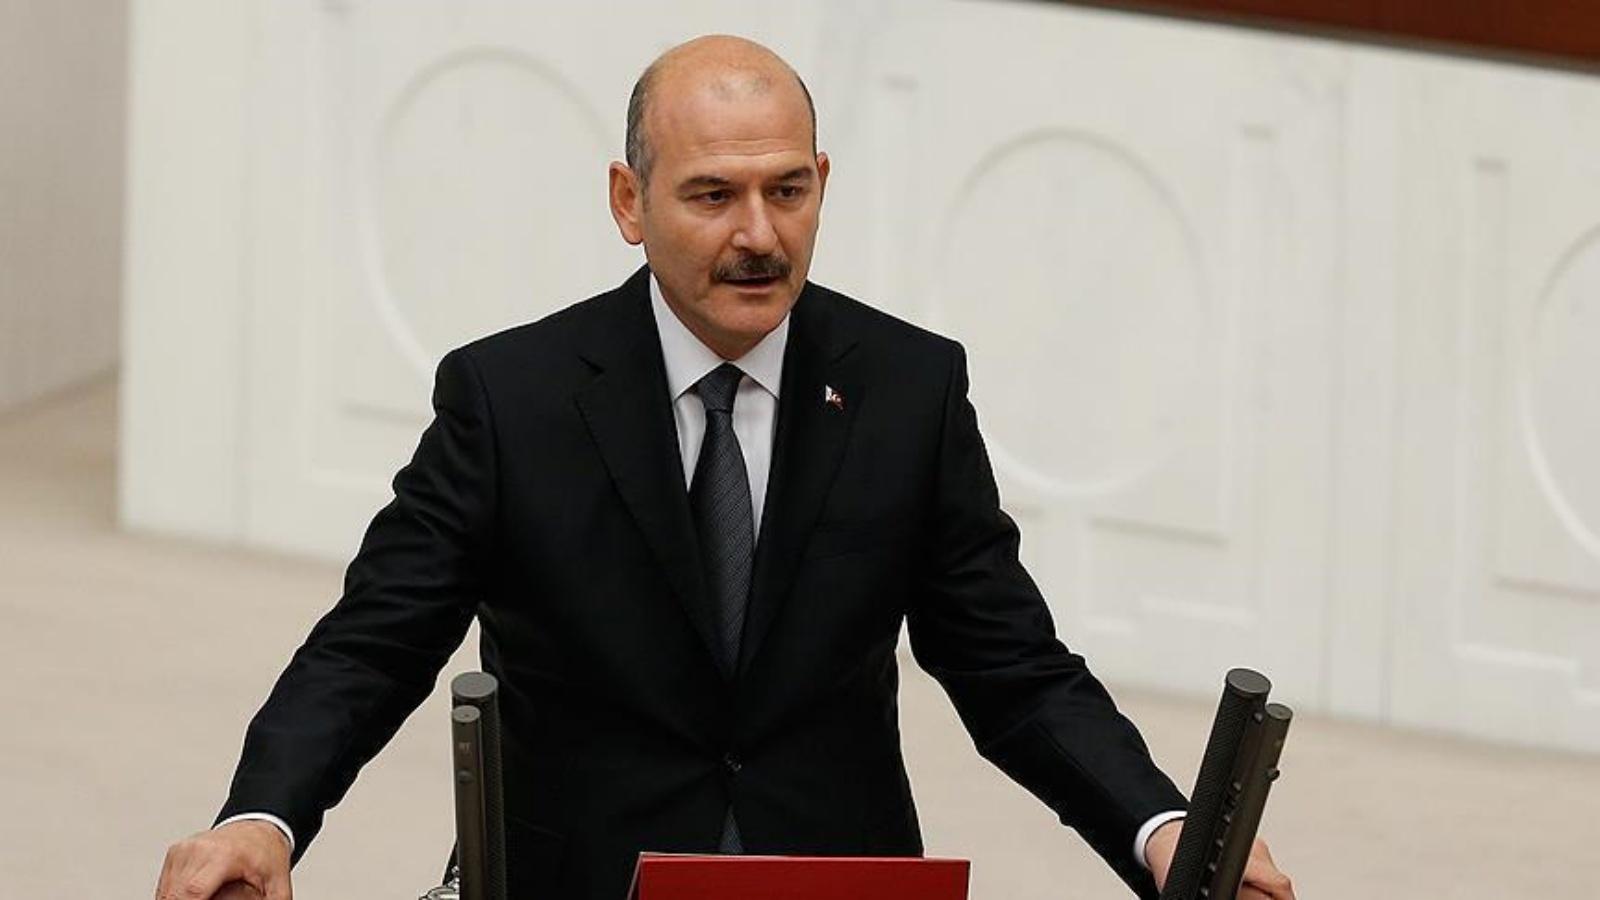 السعودية نيوز |  توقيف أربعة في تركيا على خلفية صورة اعتبرت مهينة للكعبة